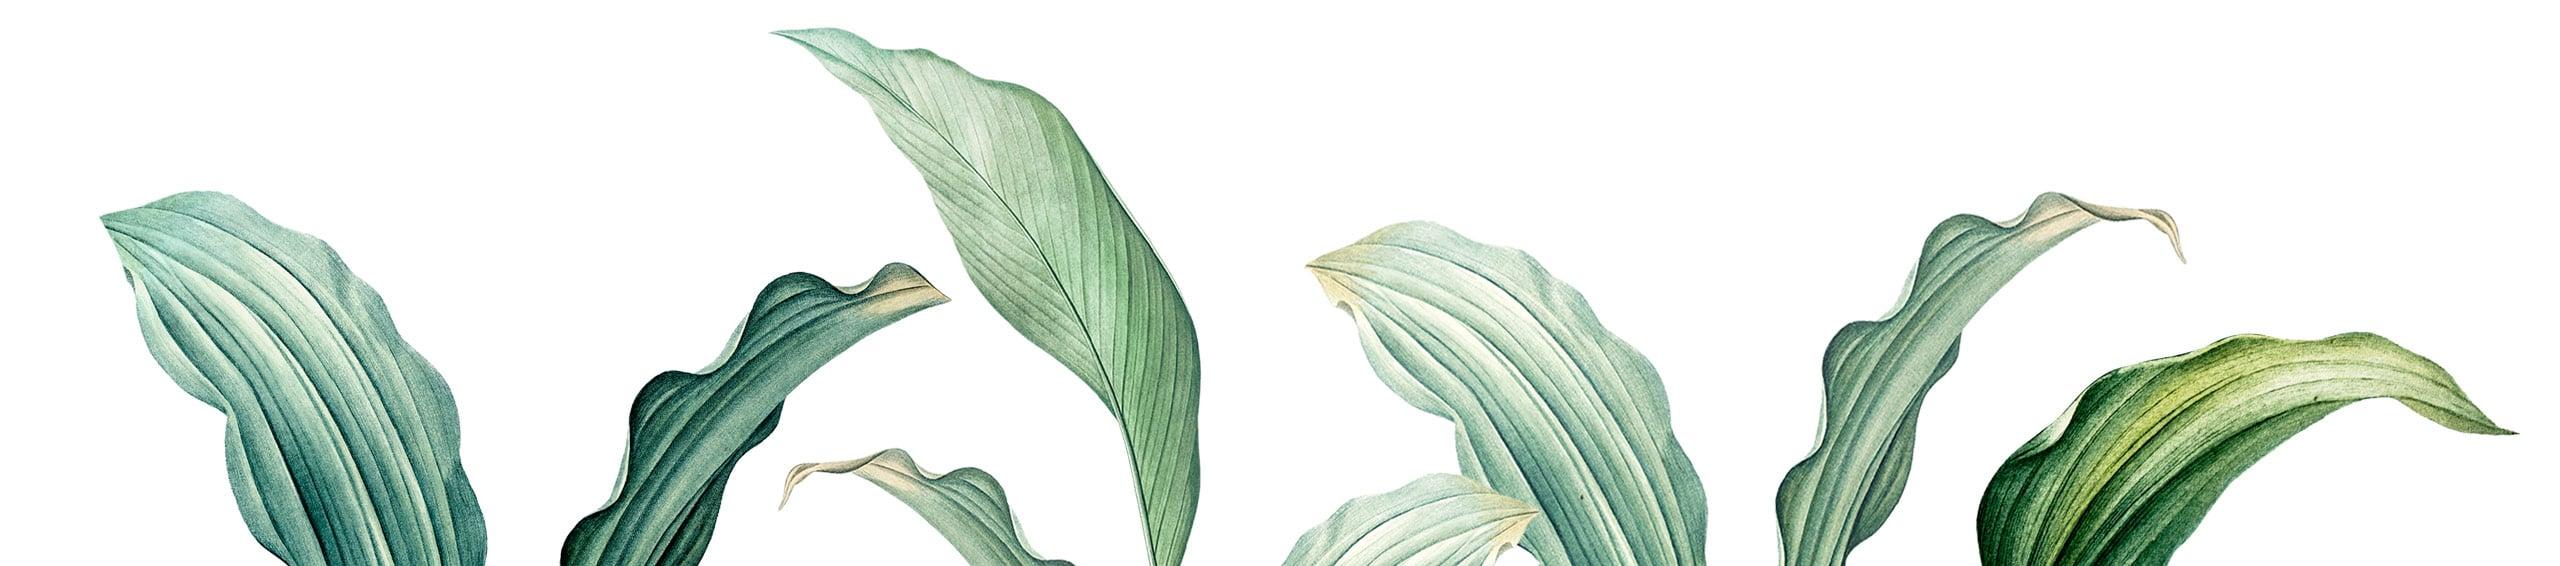 PlantsLong